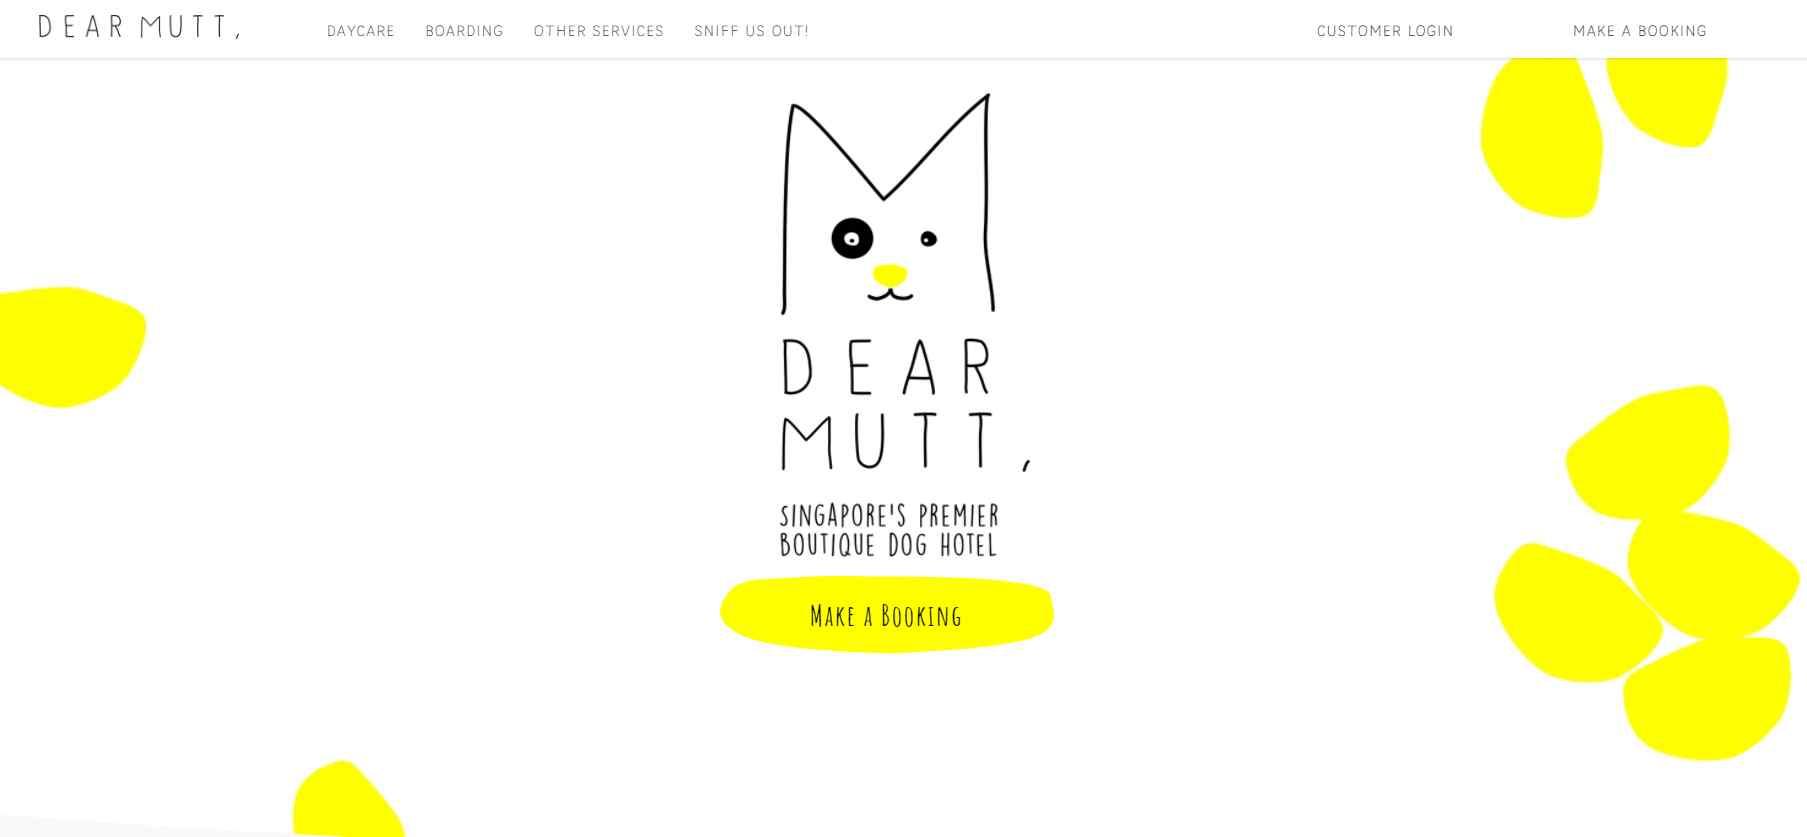 Dear Mutt Top Pet Hotels in Singapore